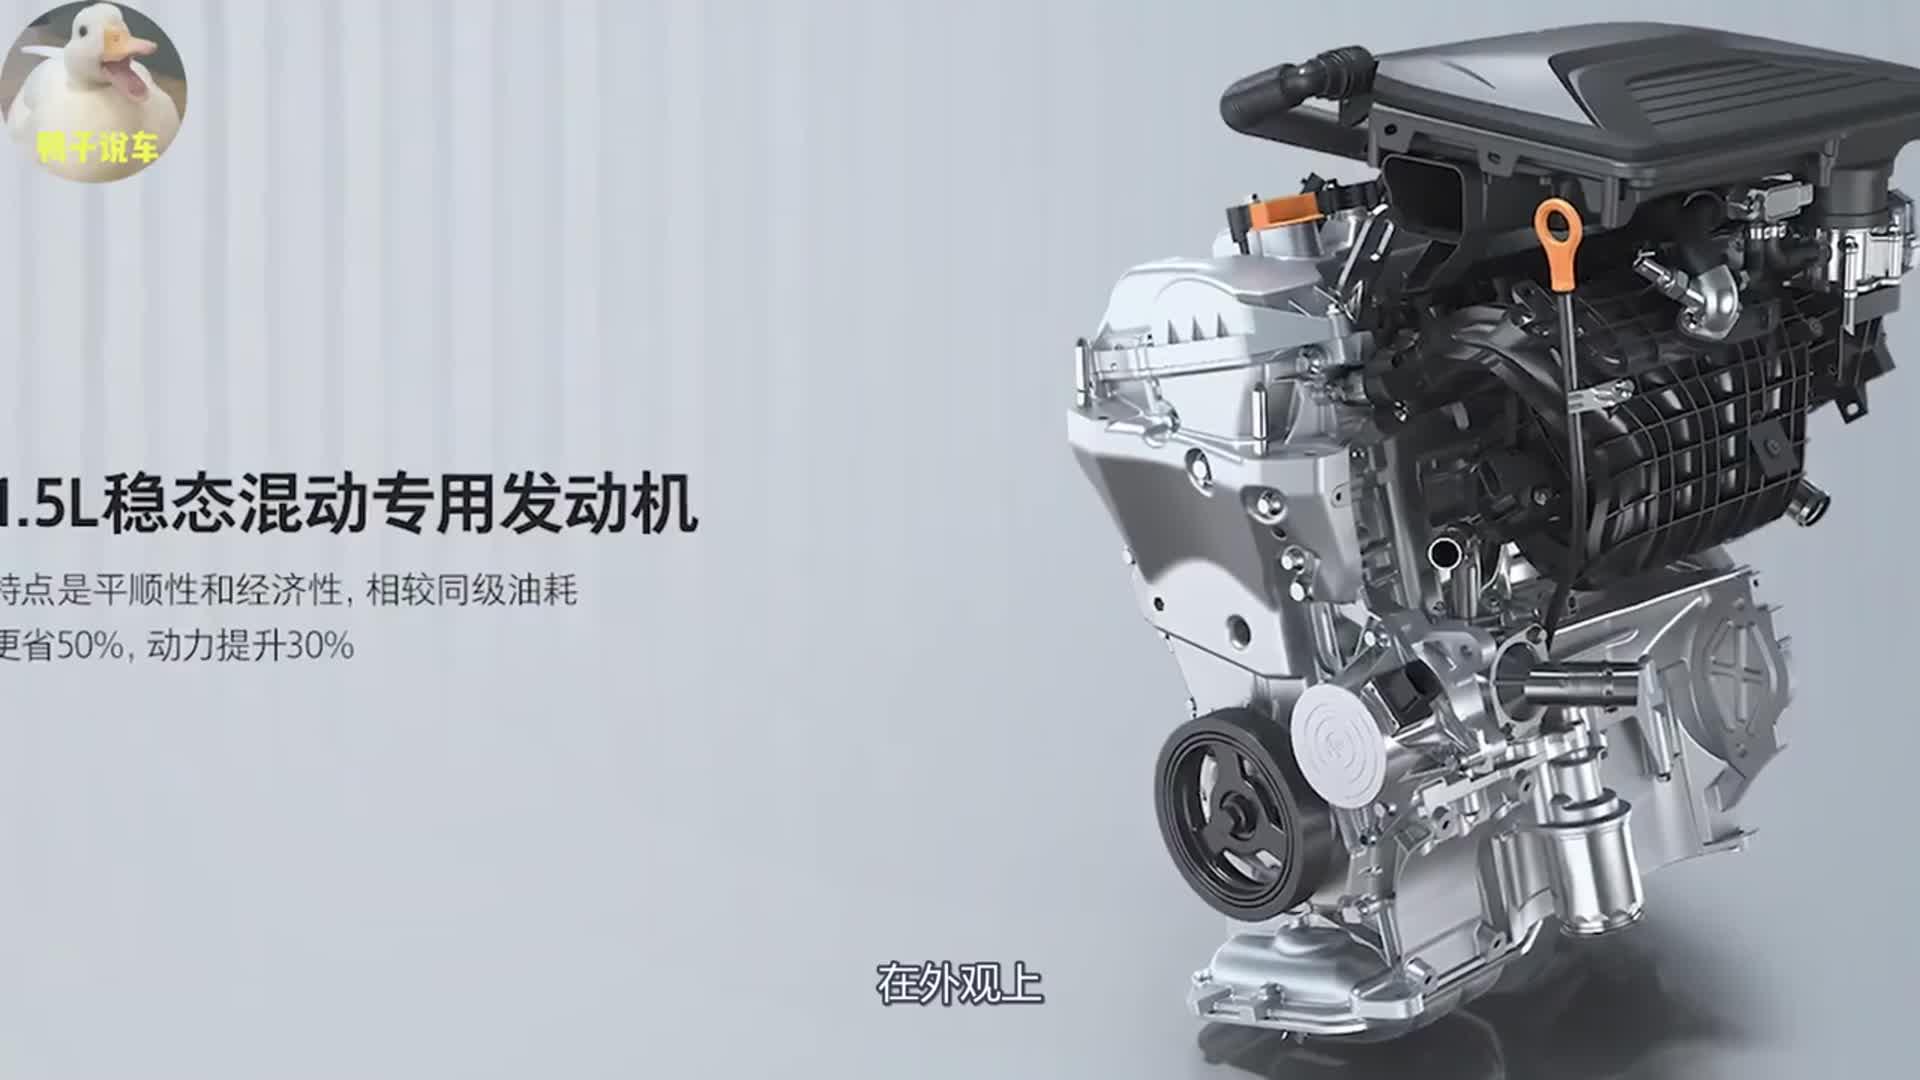 视频:当年的国产油老虎,如今比卡罗拉都省油,新SUV一公里油耗3毛!